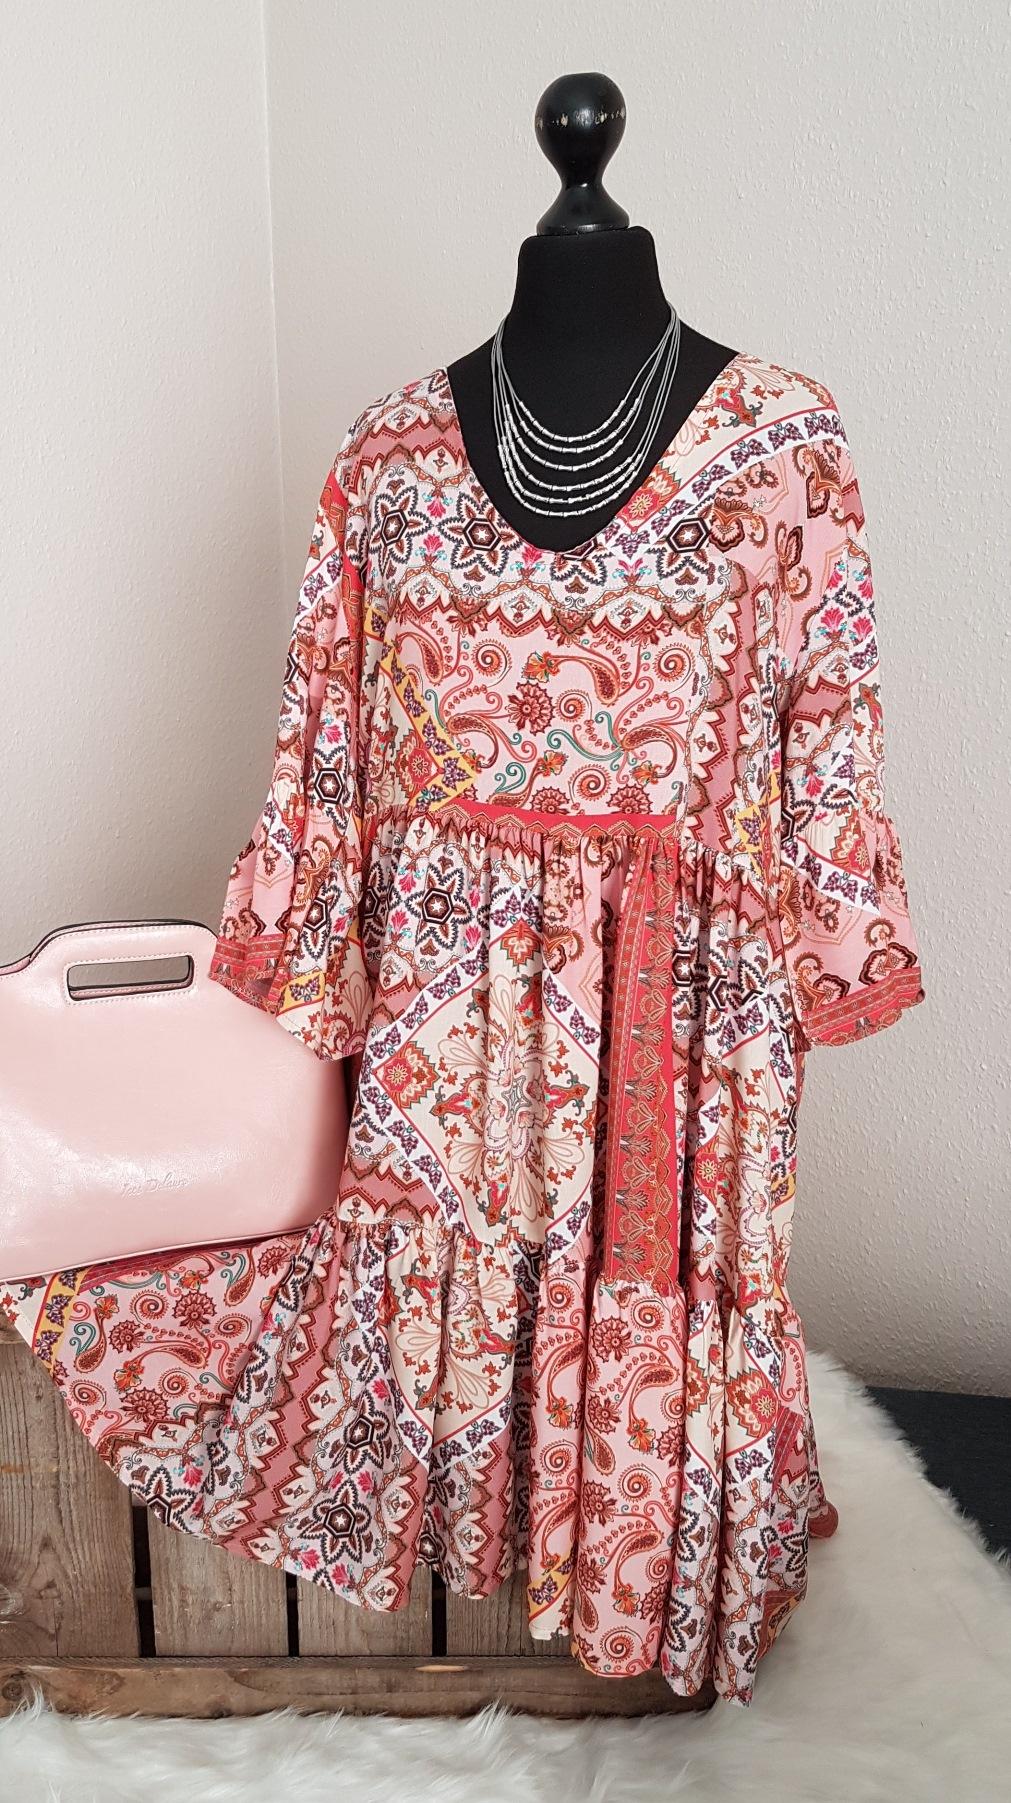 Leichtes oversize Hängerchen-Kleid / Long-Tunika - mit Paisleymuster - rosa  - Einheitsgröße (passend von 11 - 11)